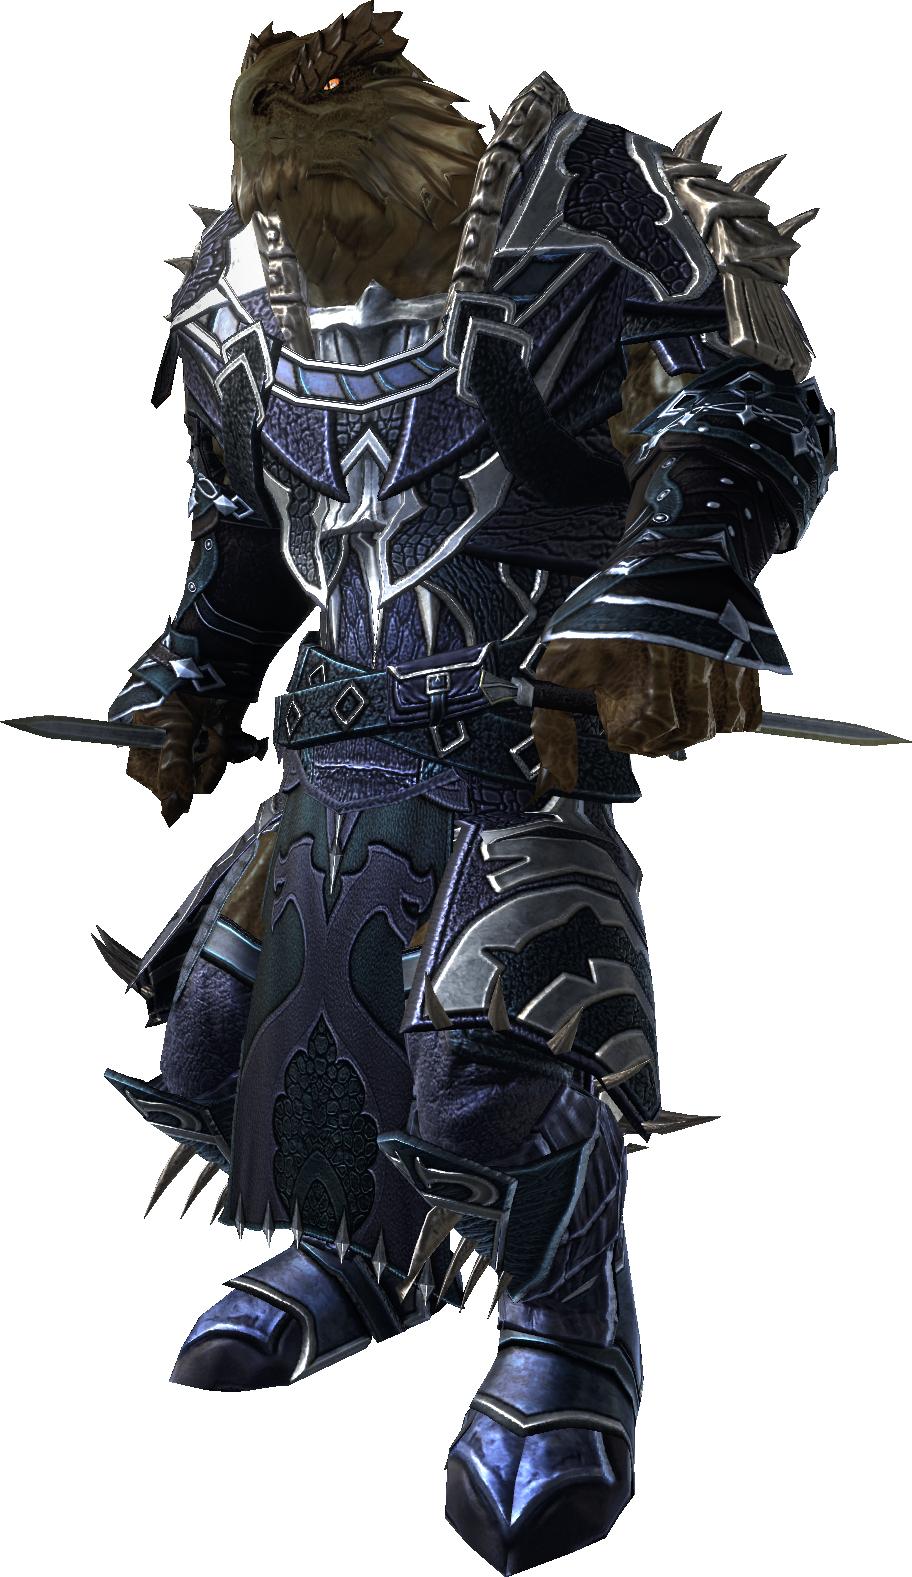 Dragonborn D&D | Dragon warrior, Character art, Dnd dragonborn